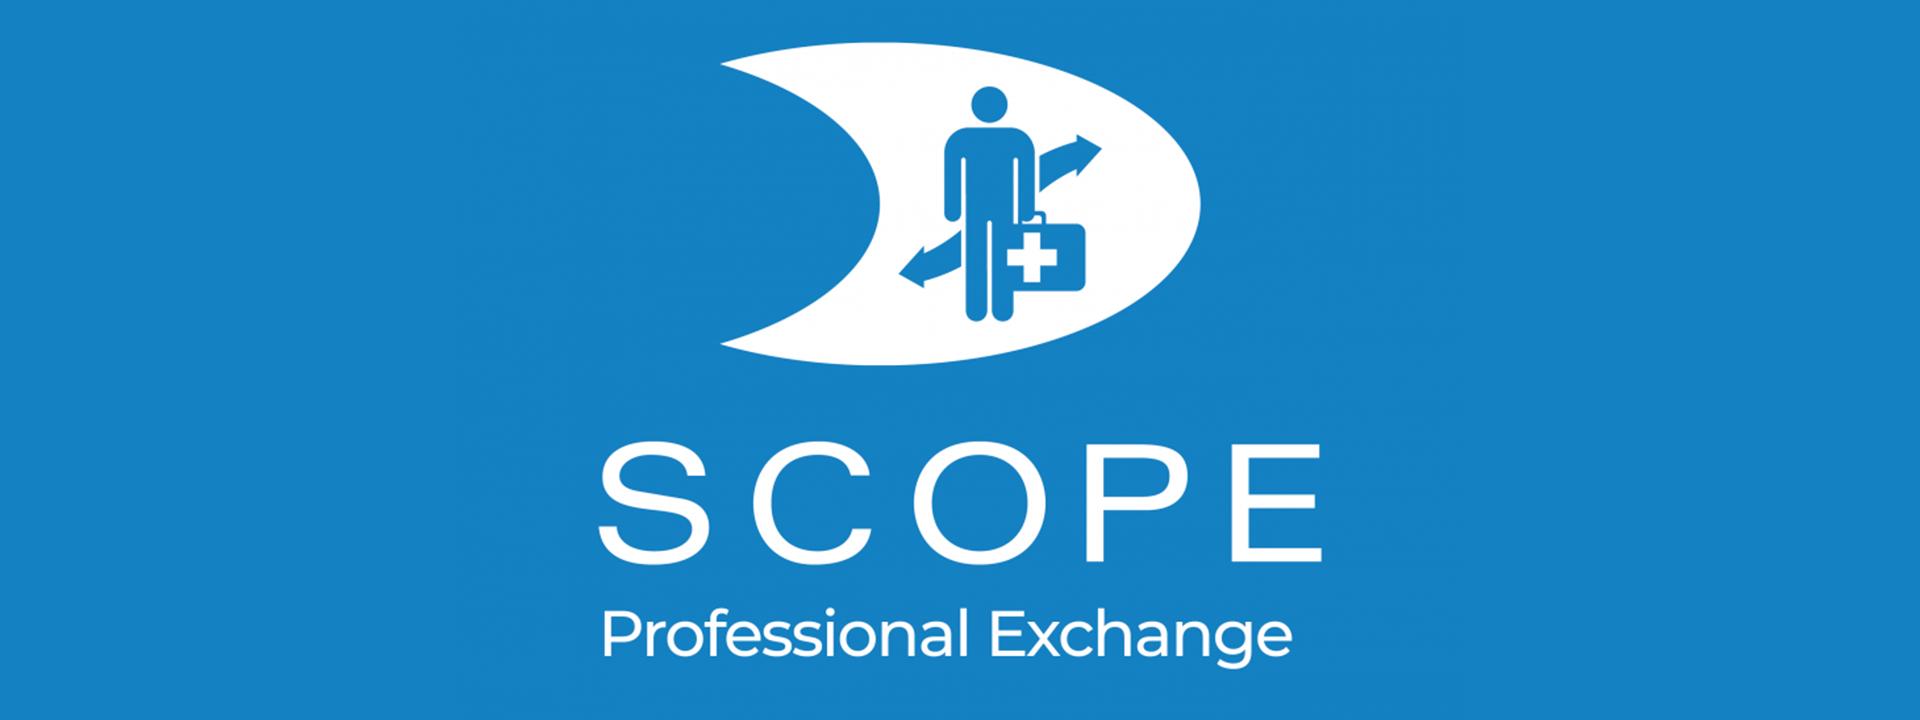 Aktivéierung vum SCOPE Exchange Programm zu Lëtzebuerg